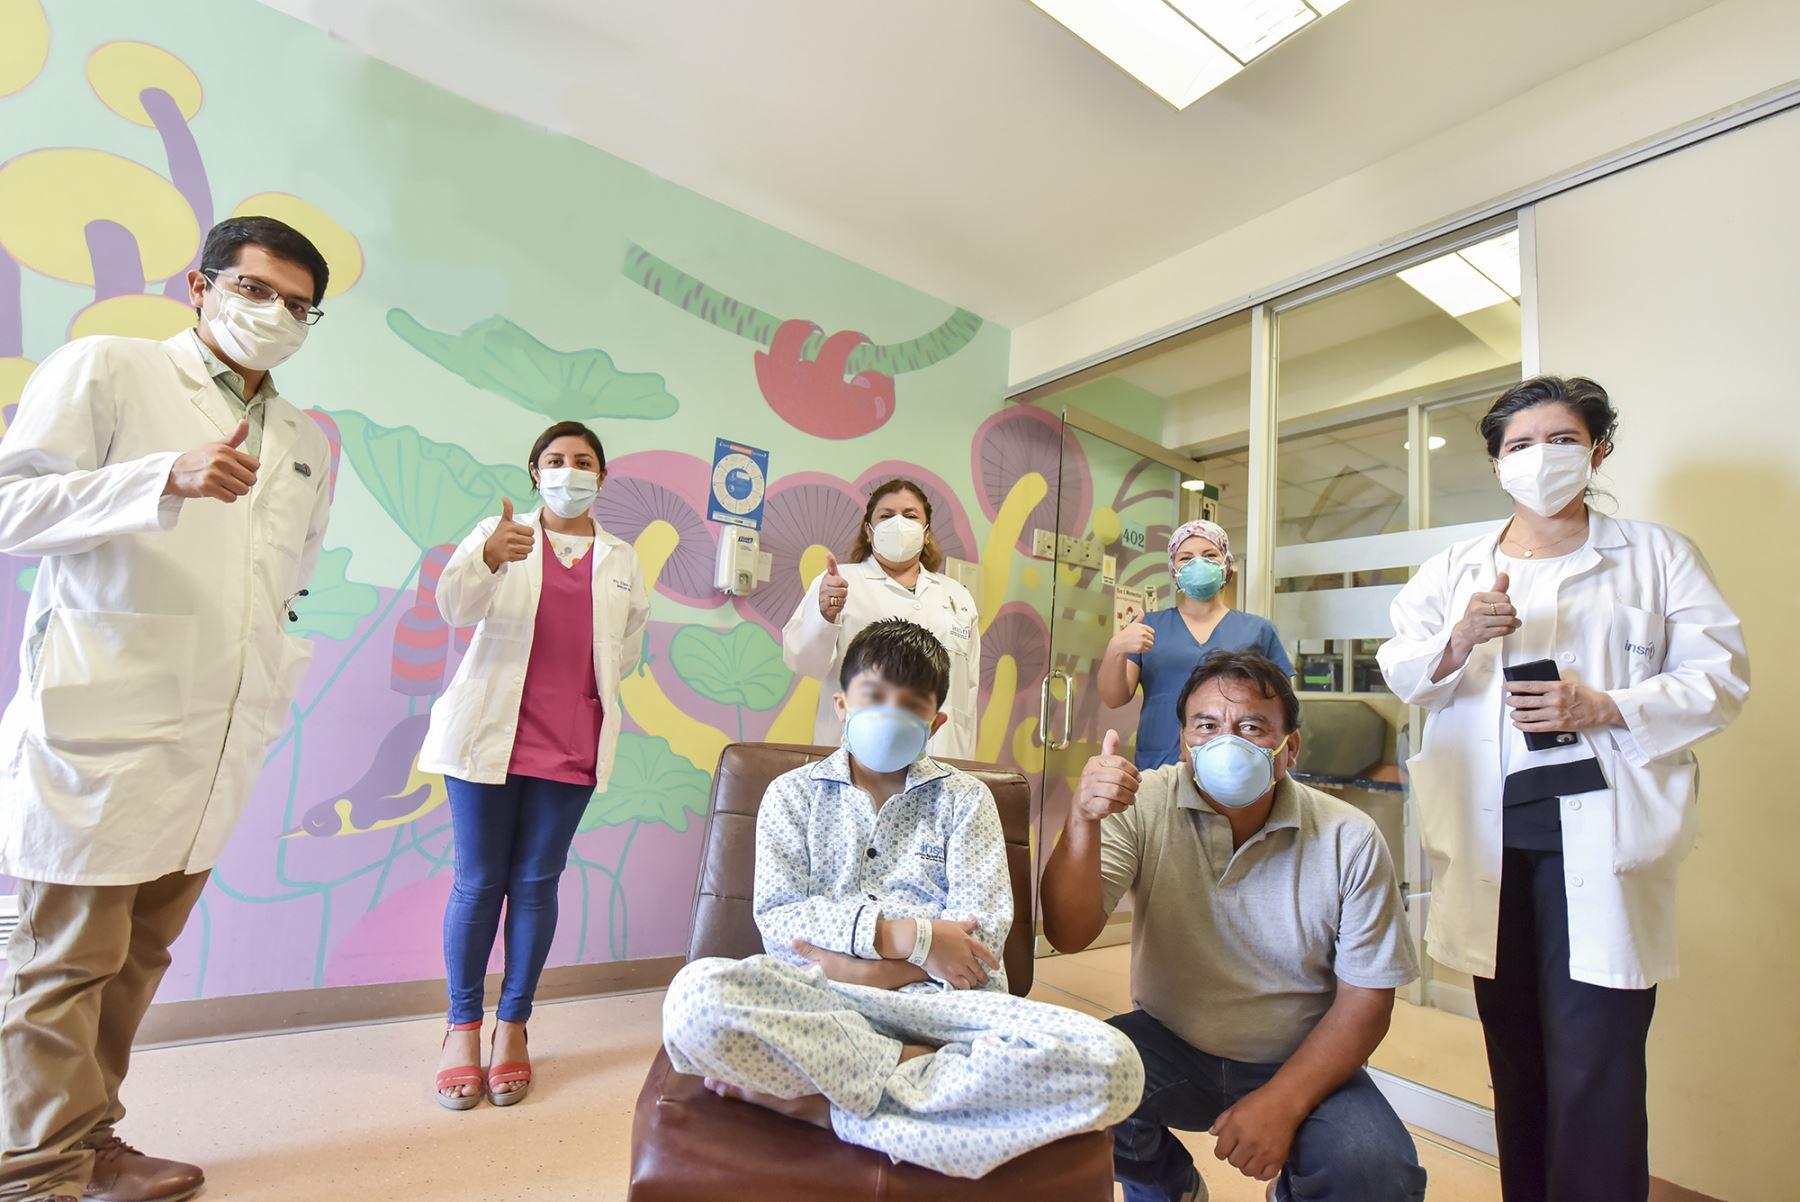 El INSN de San Borja supera las dificultadas generadas por la emergencia sanitaria y lleva a cabo exitosos trasplantes de órganos a menores de edad. Foto: ANDINA/INSN